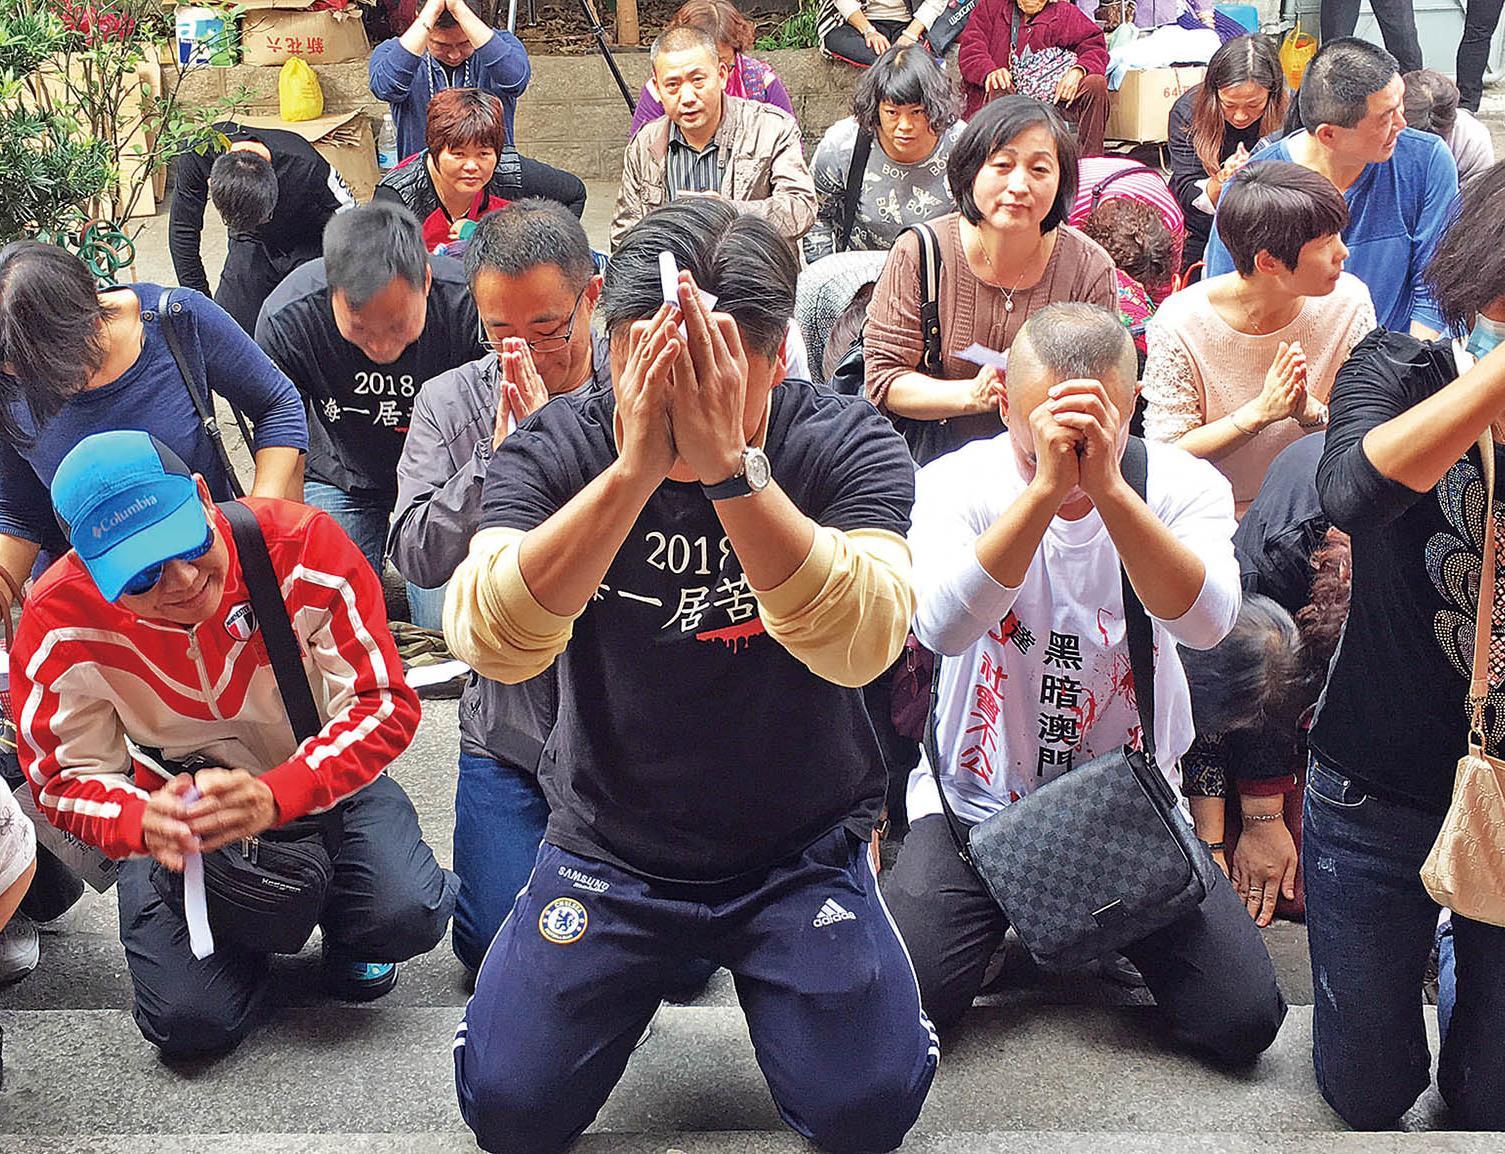 高銘博稱回歸當日將靜坐抗議